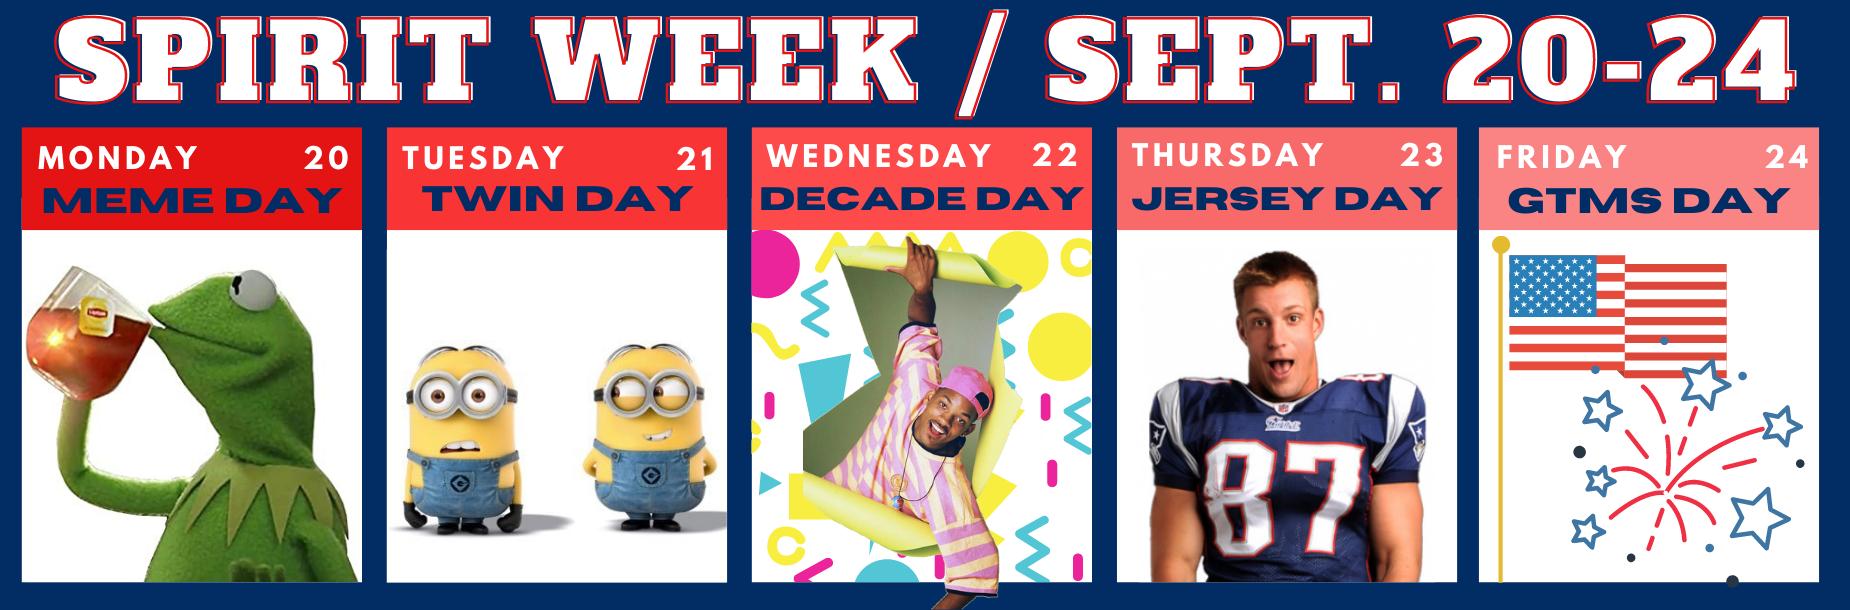 Spirit Week Sep 20-24